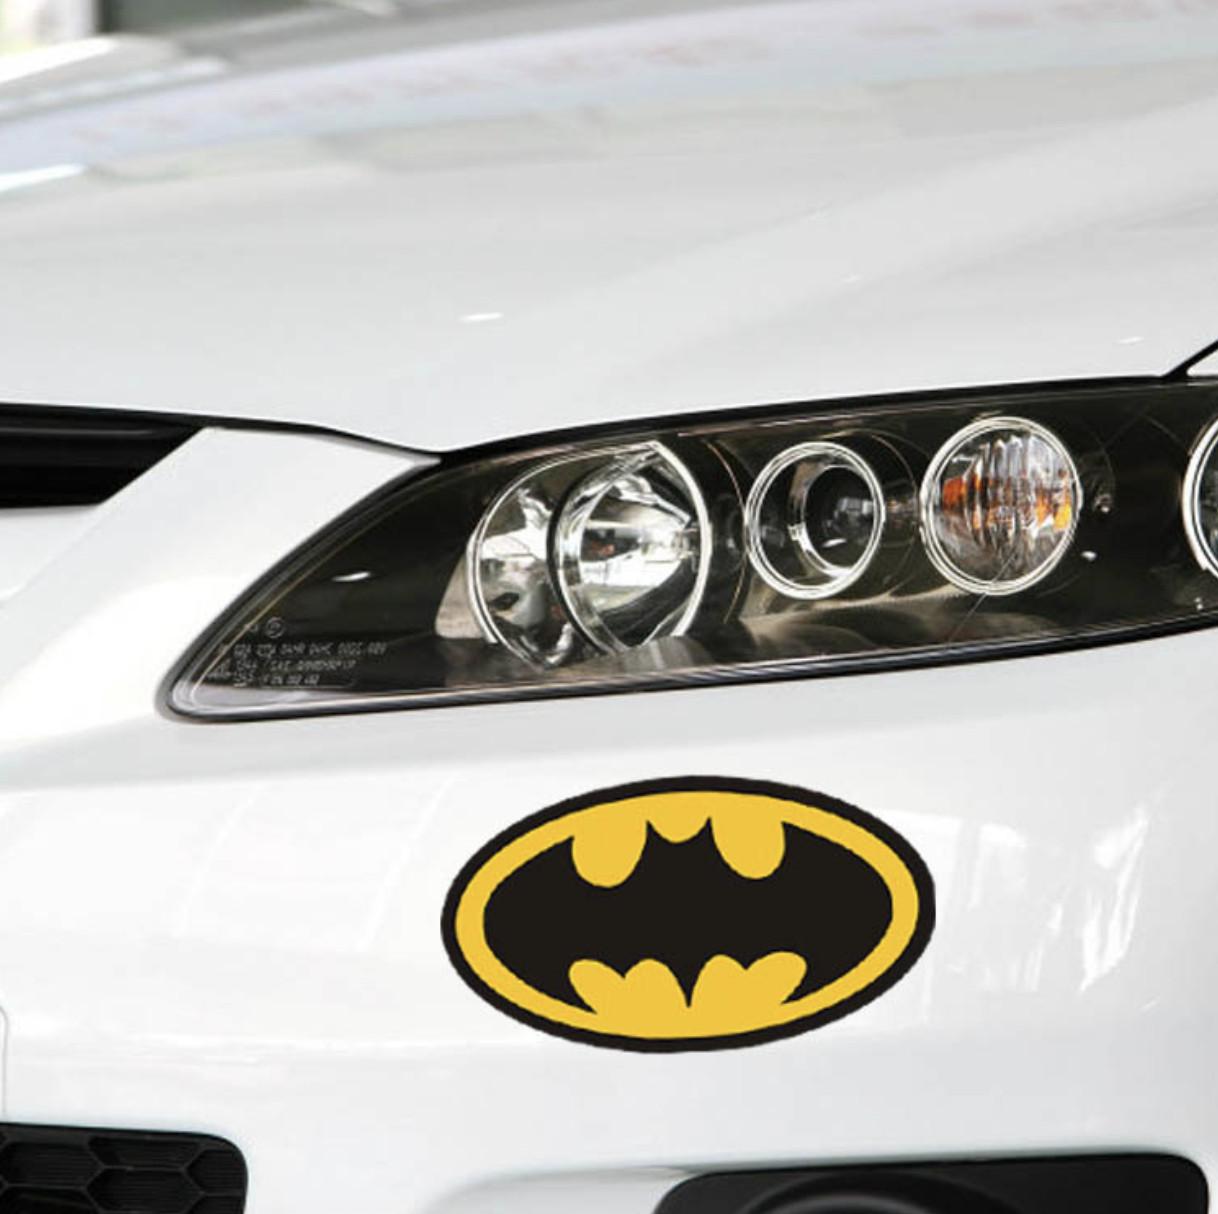 NGƯỜI DƠI LOGO VÀNG - Sticker transfer hình dán trang trí Xe hơi Ô tô size 14.5x8cm